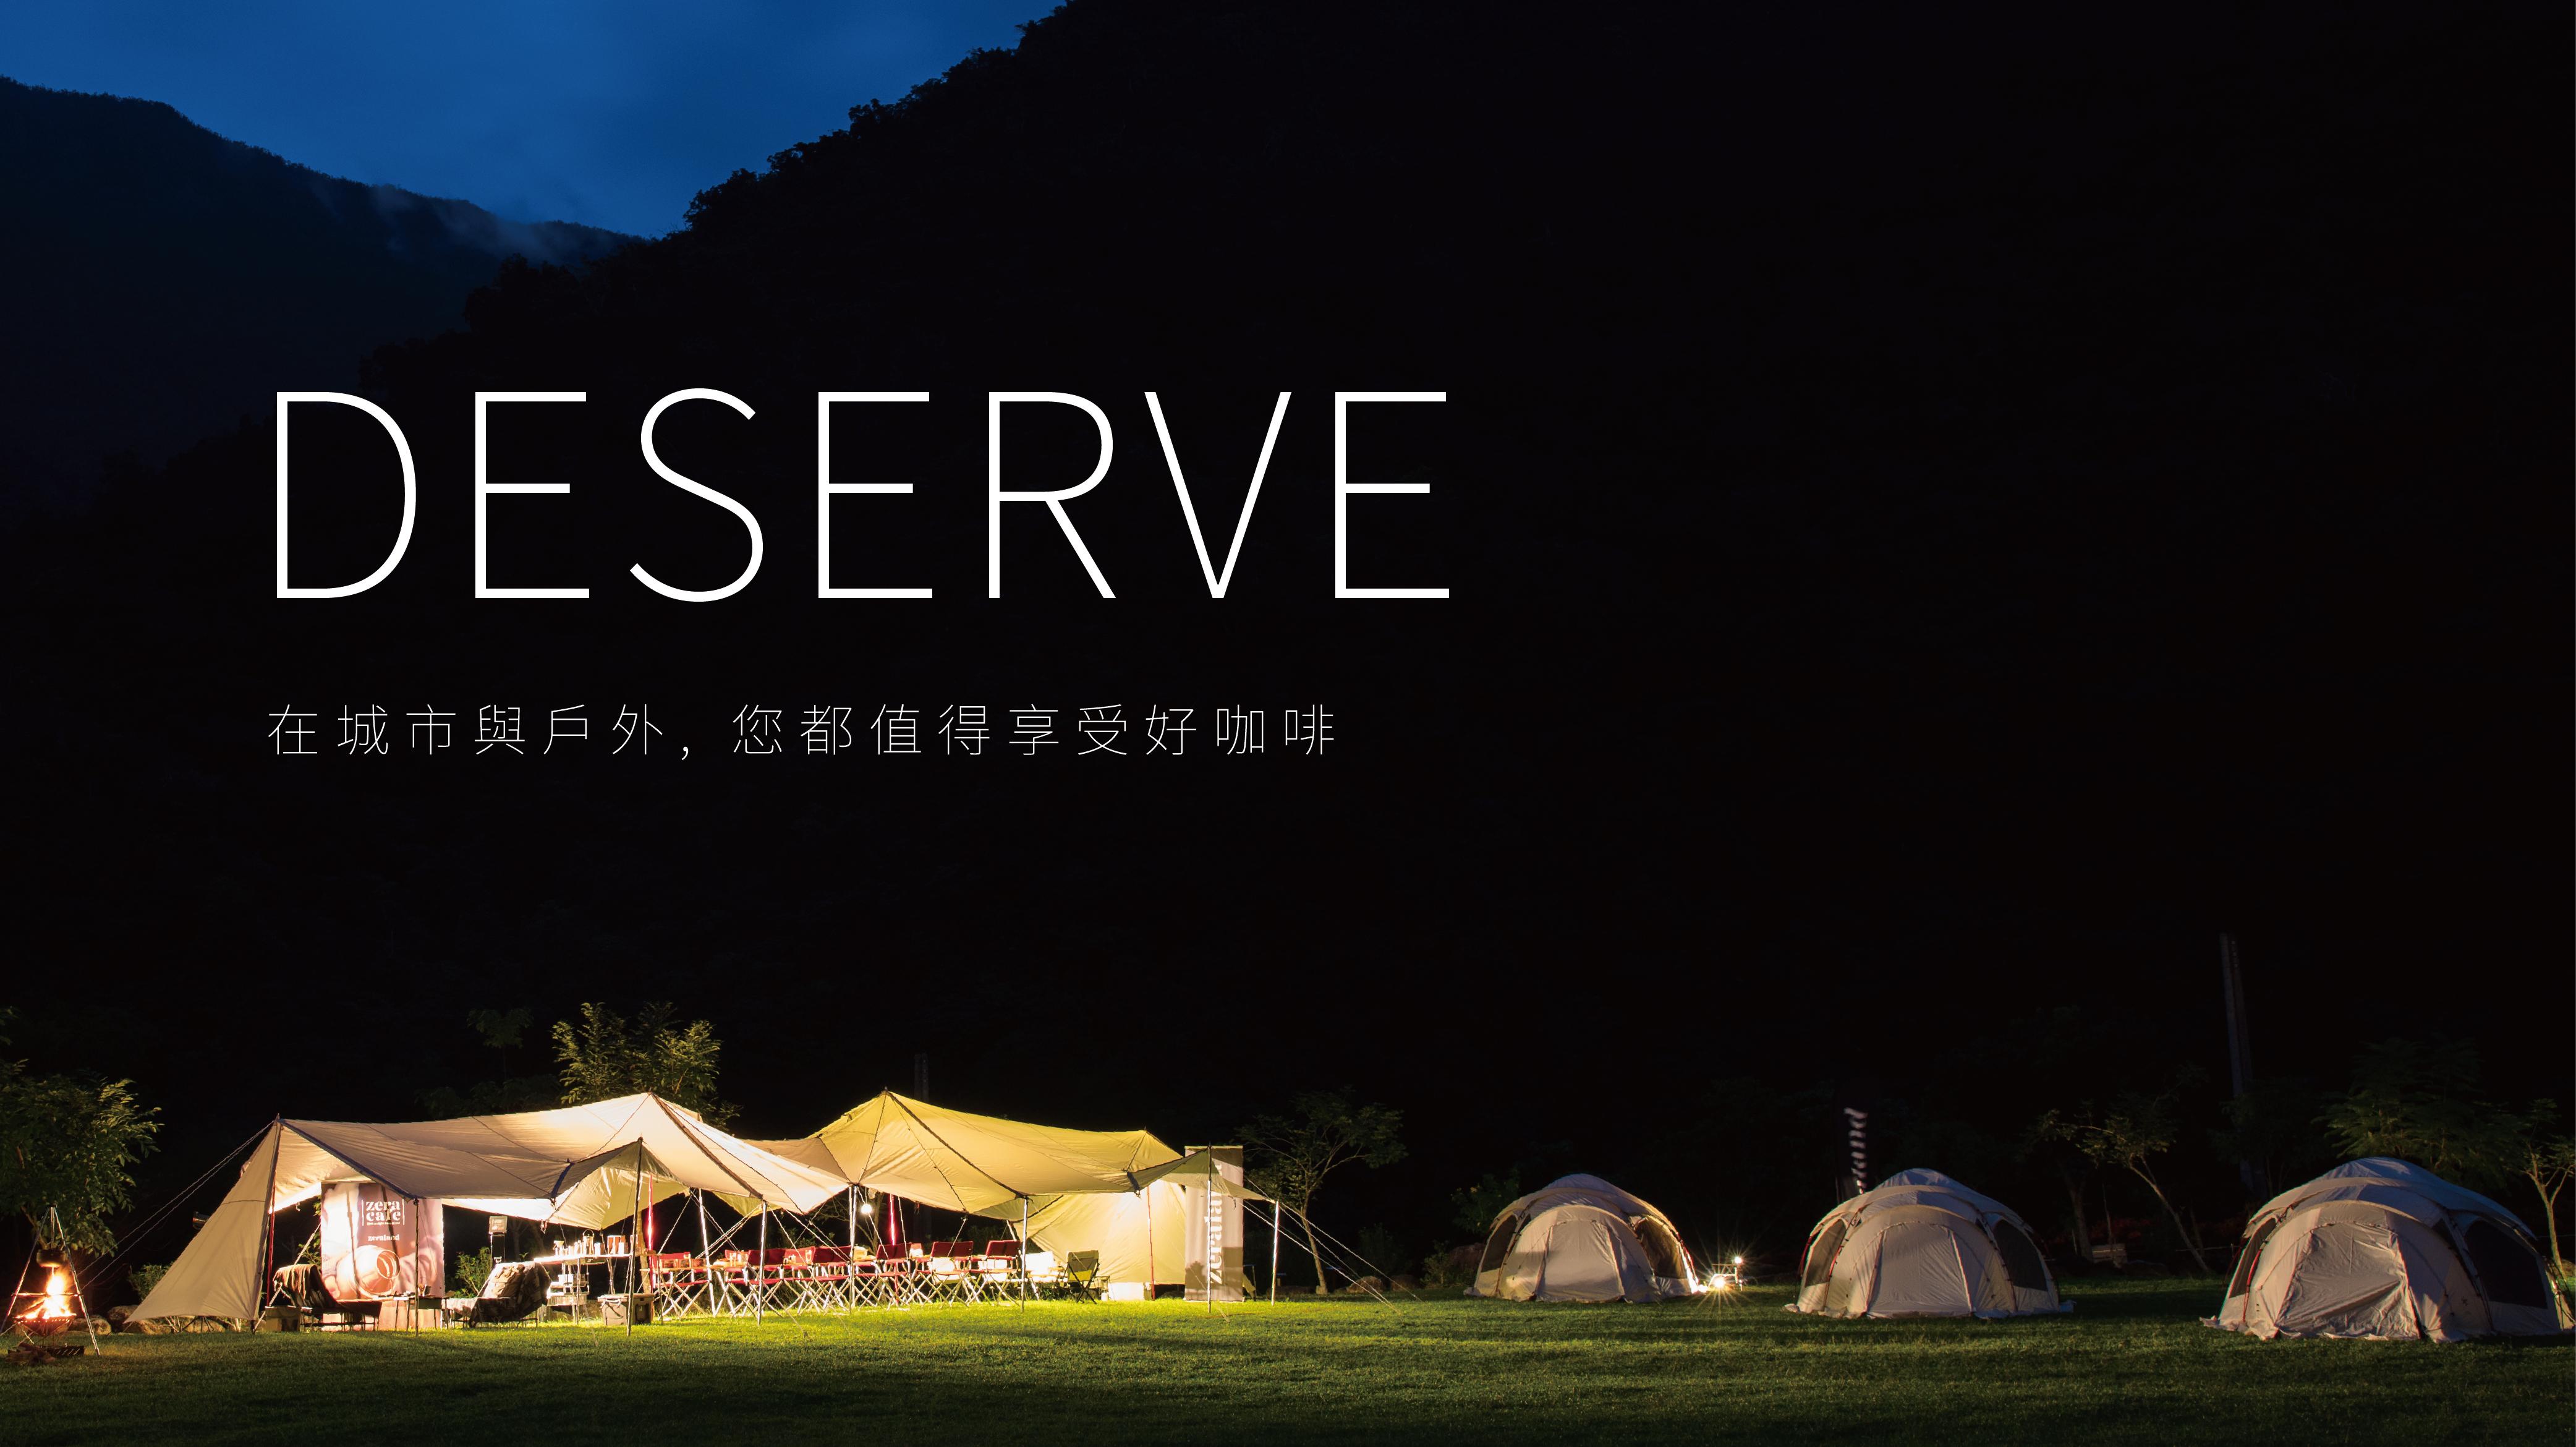 ZeraCafe 不論在城市或戶外,您都值得享受好咖啡,戶外草地上帳篷夜景